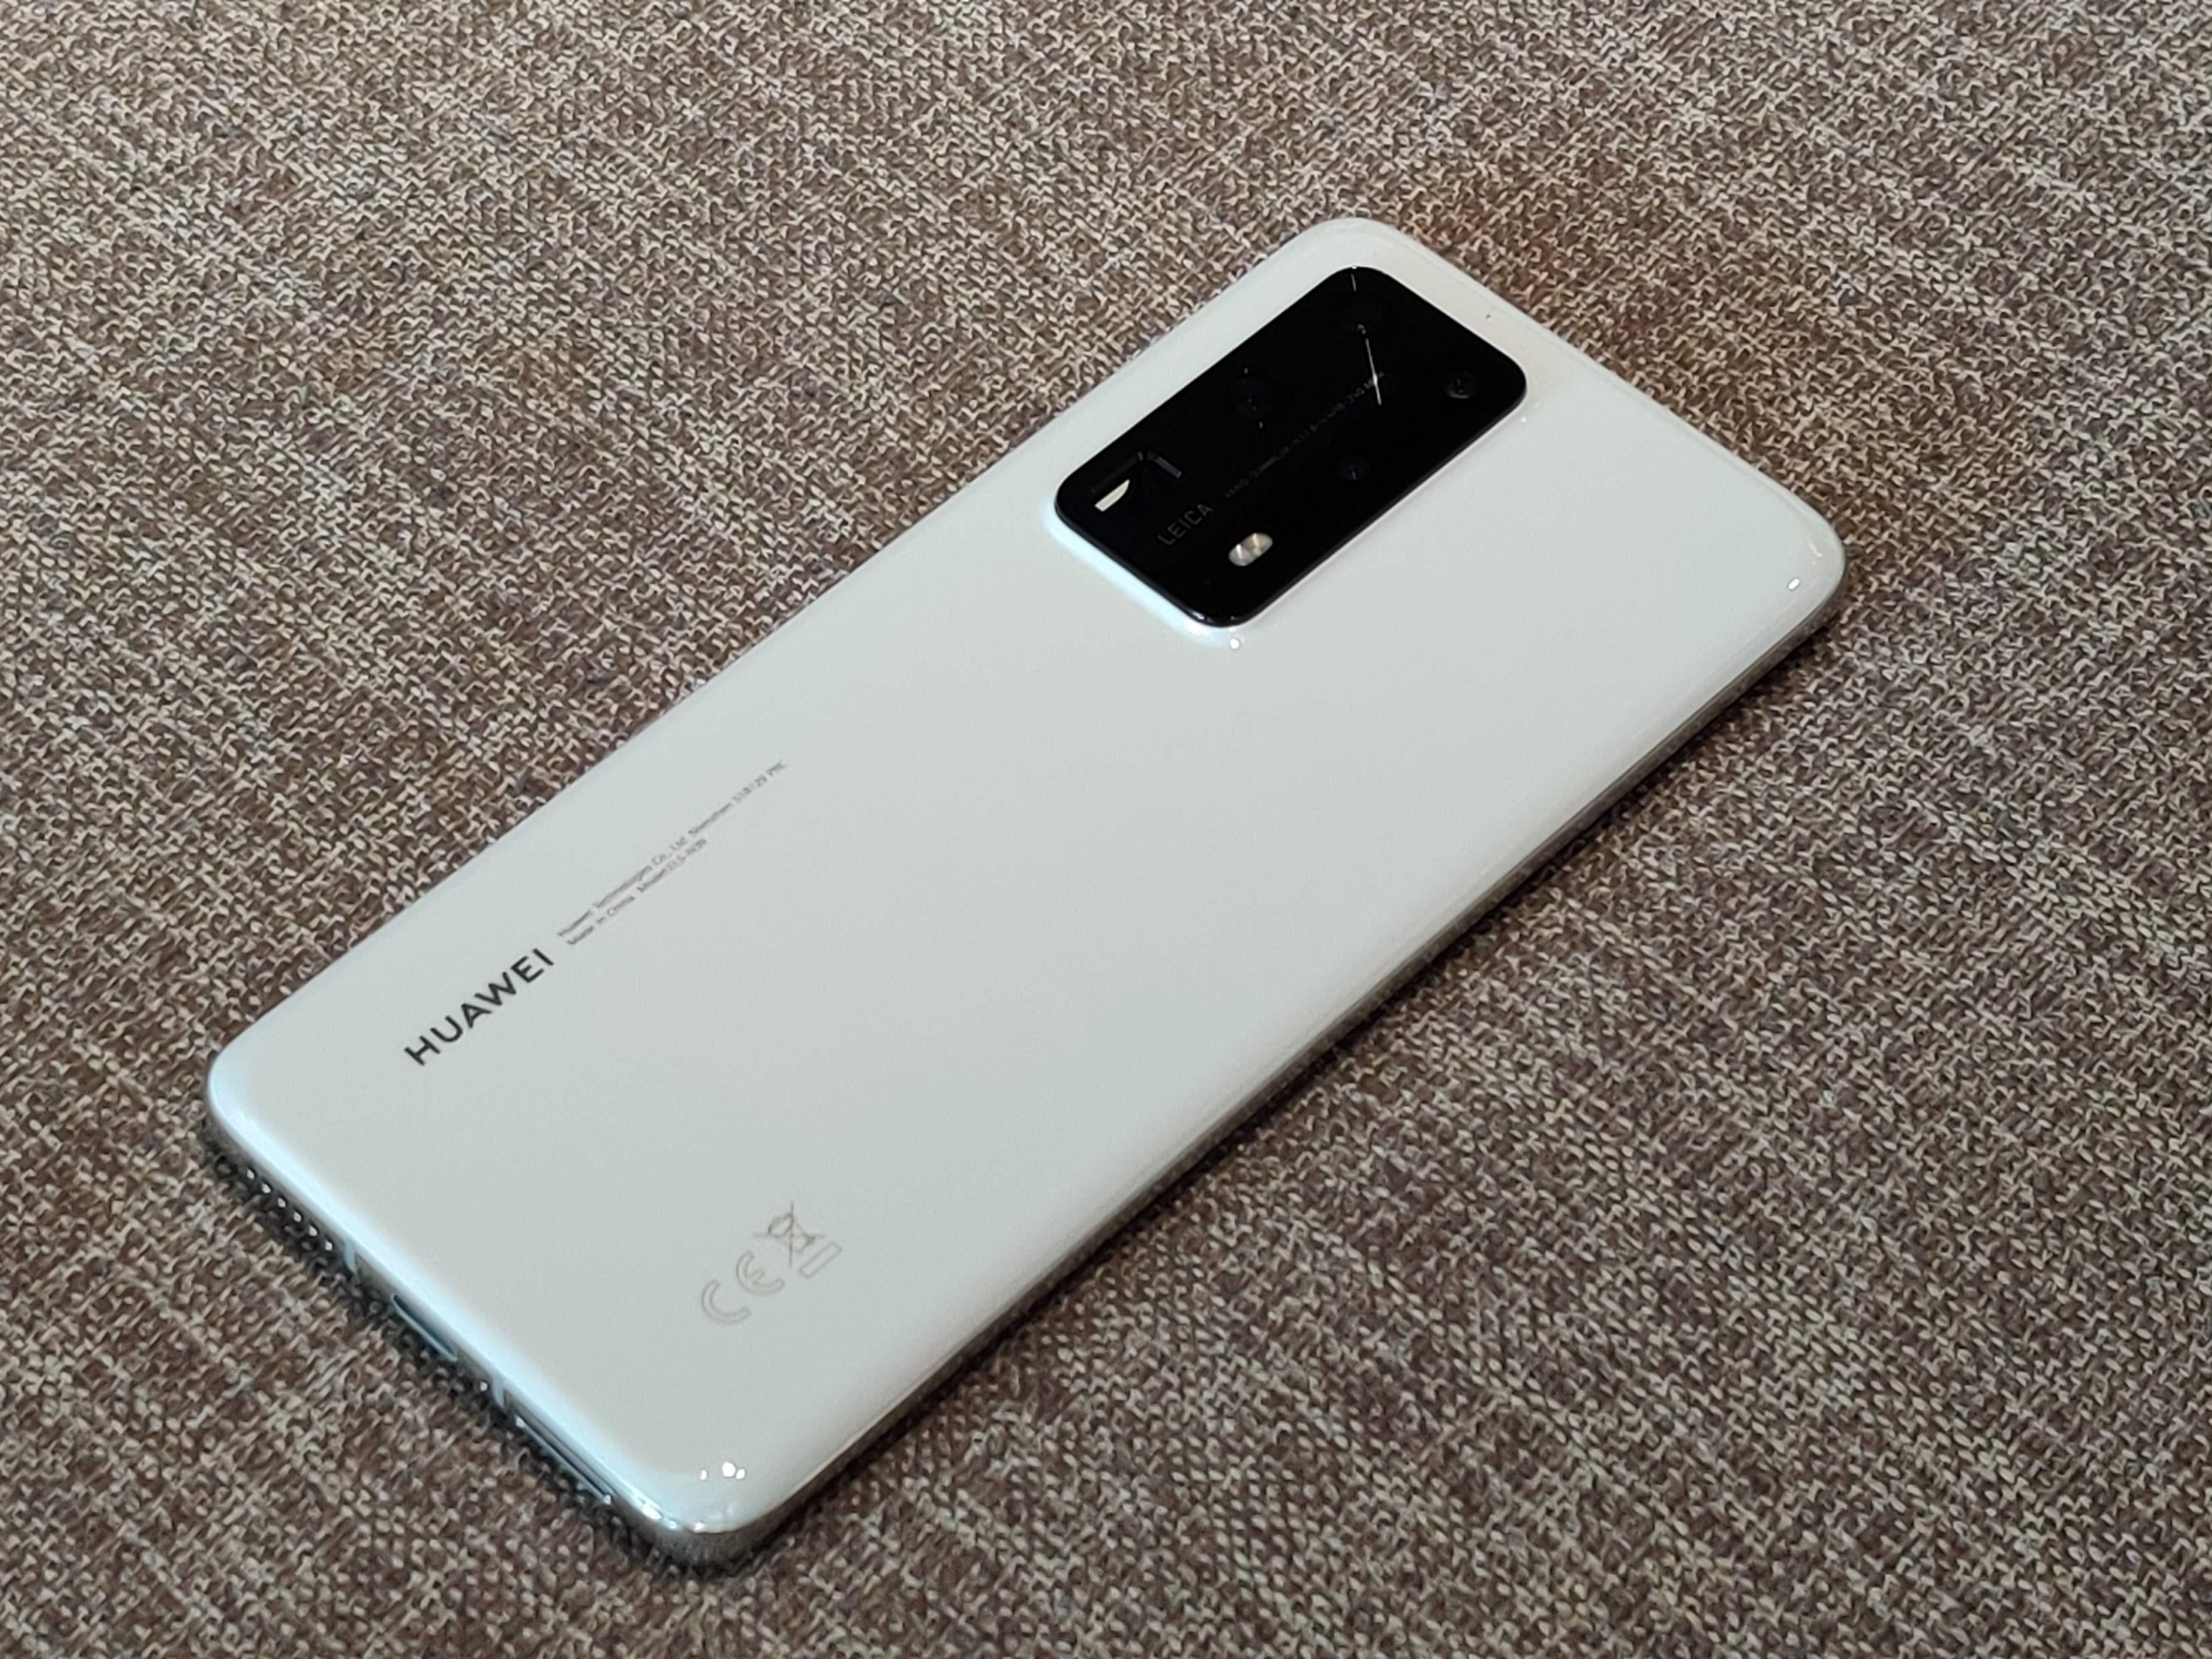 The Huawei P40 Pro+.